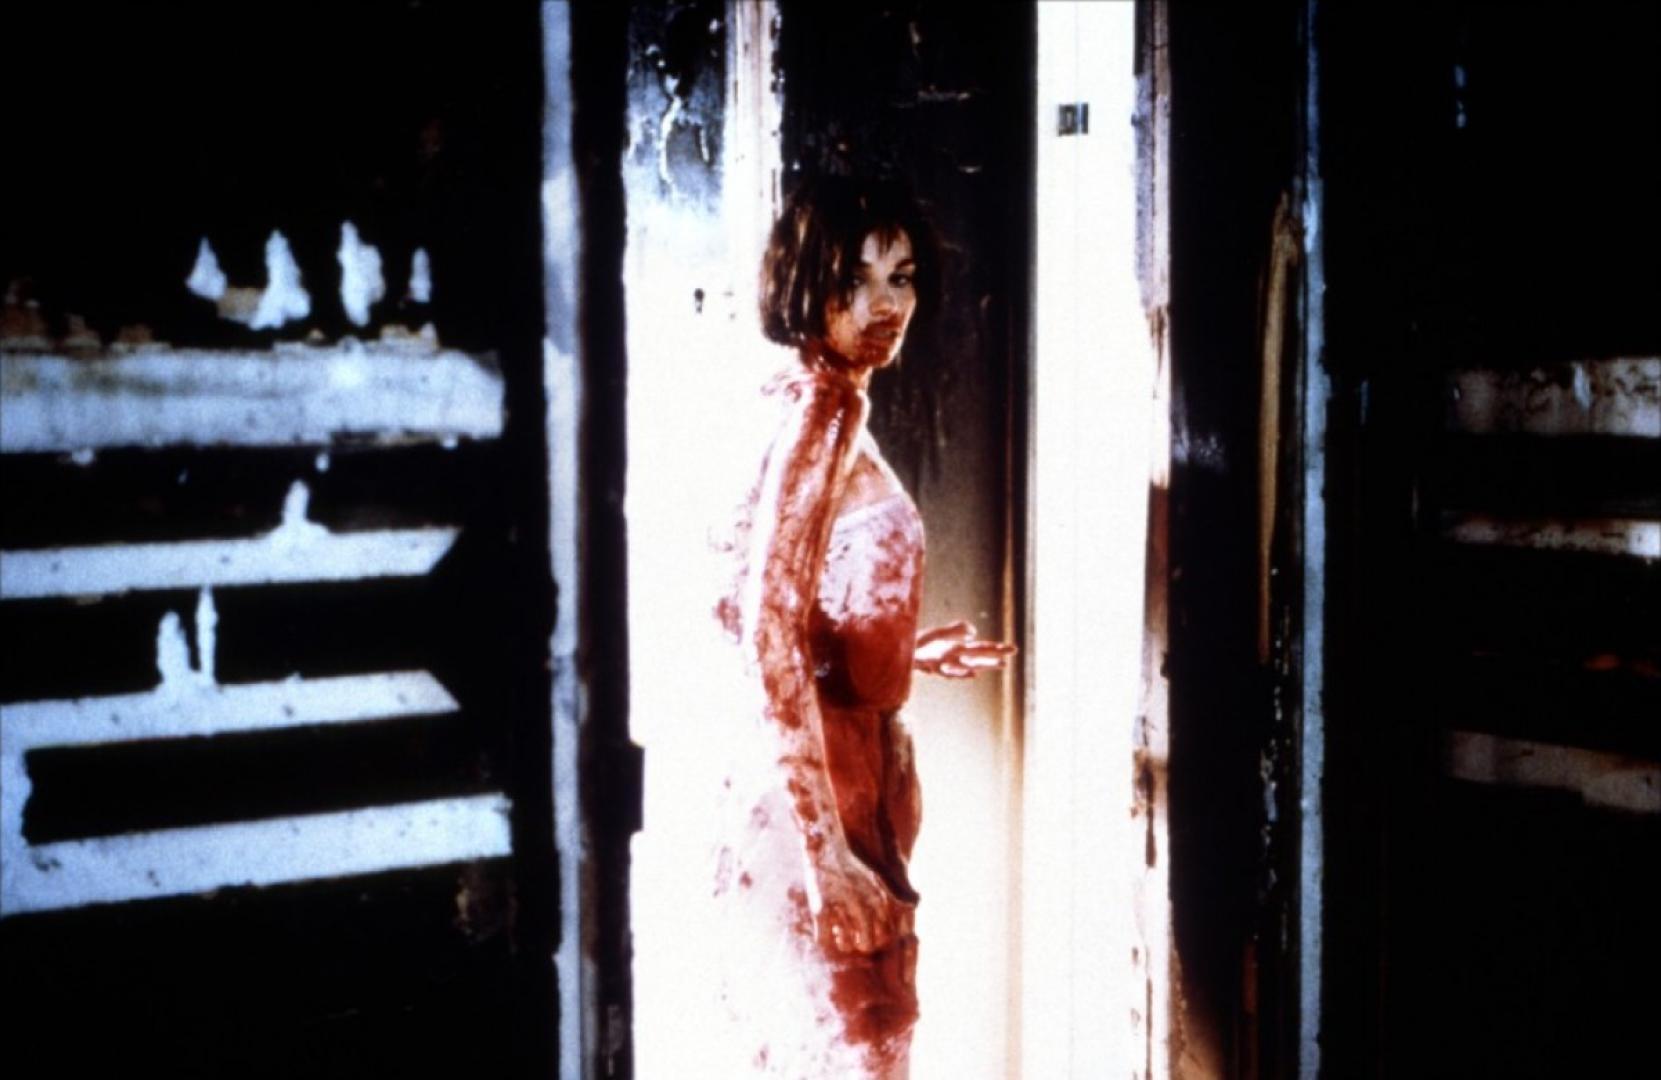 Francia extrém IX. - Kínzó mindennapok (2001)